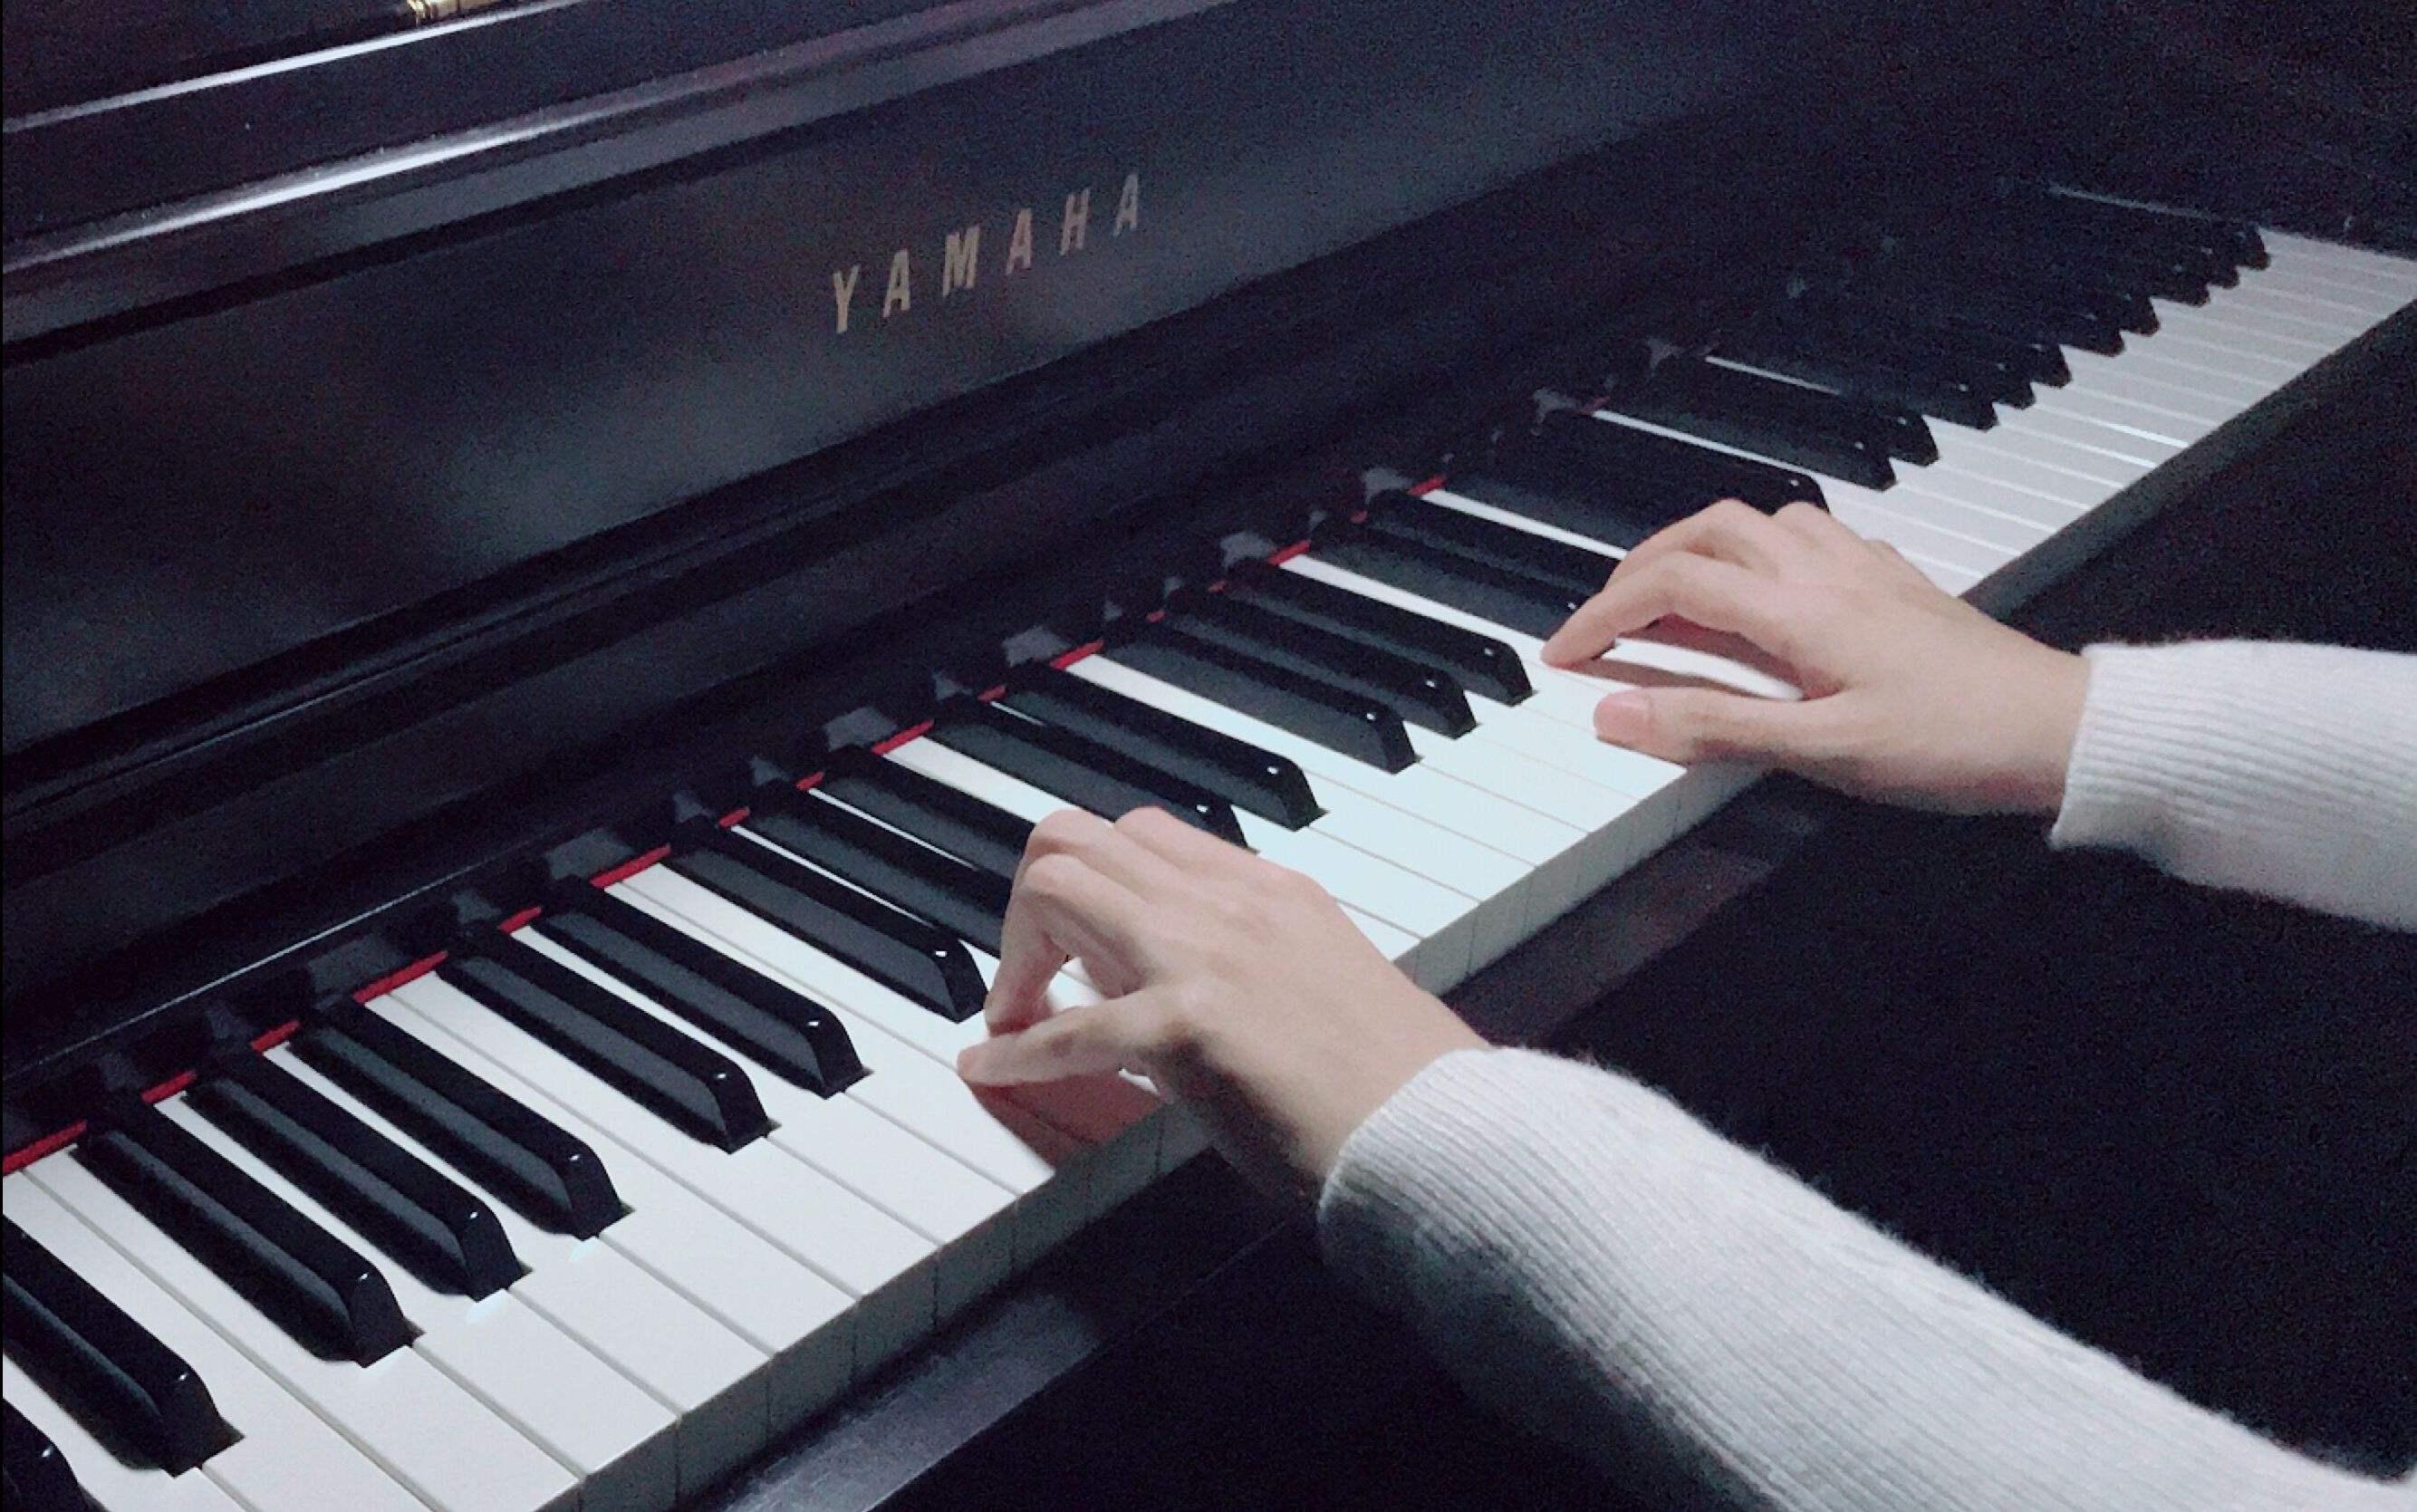 学琴时,在哪些情况下需要分手练习?